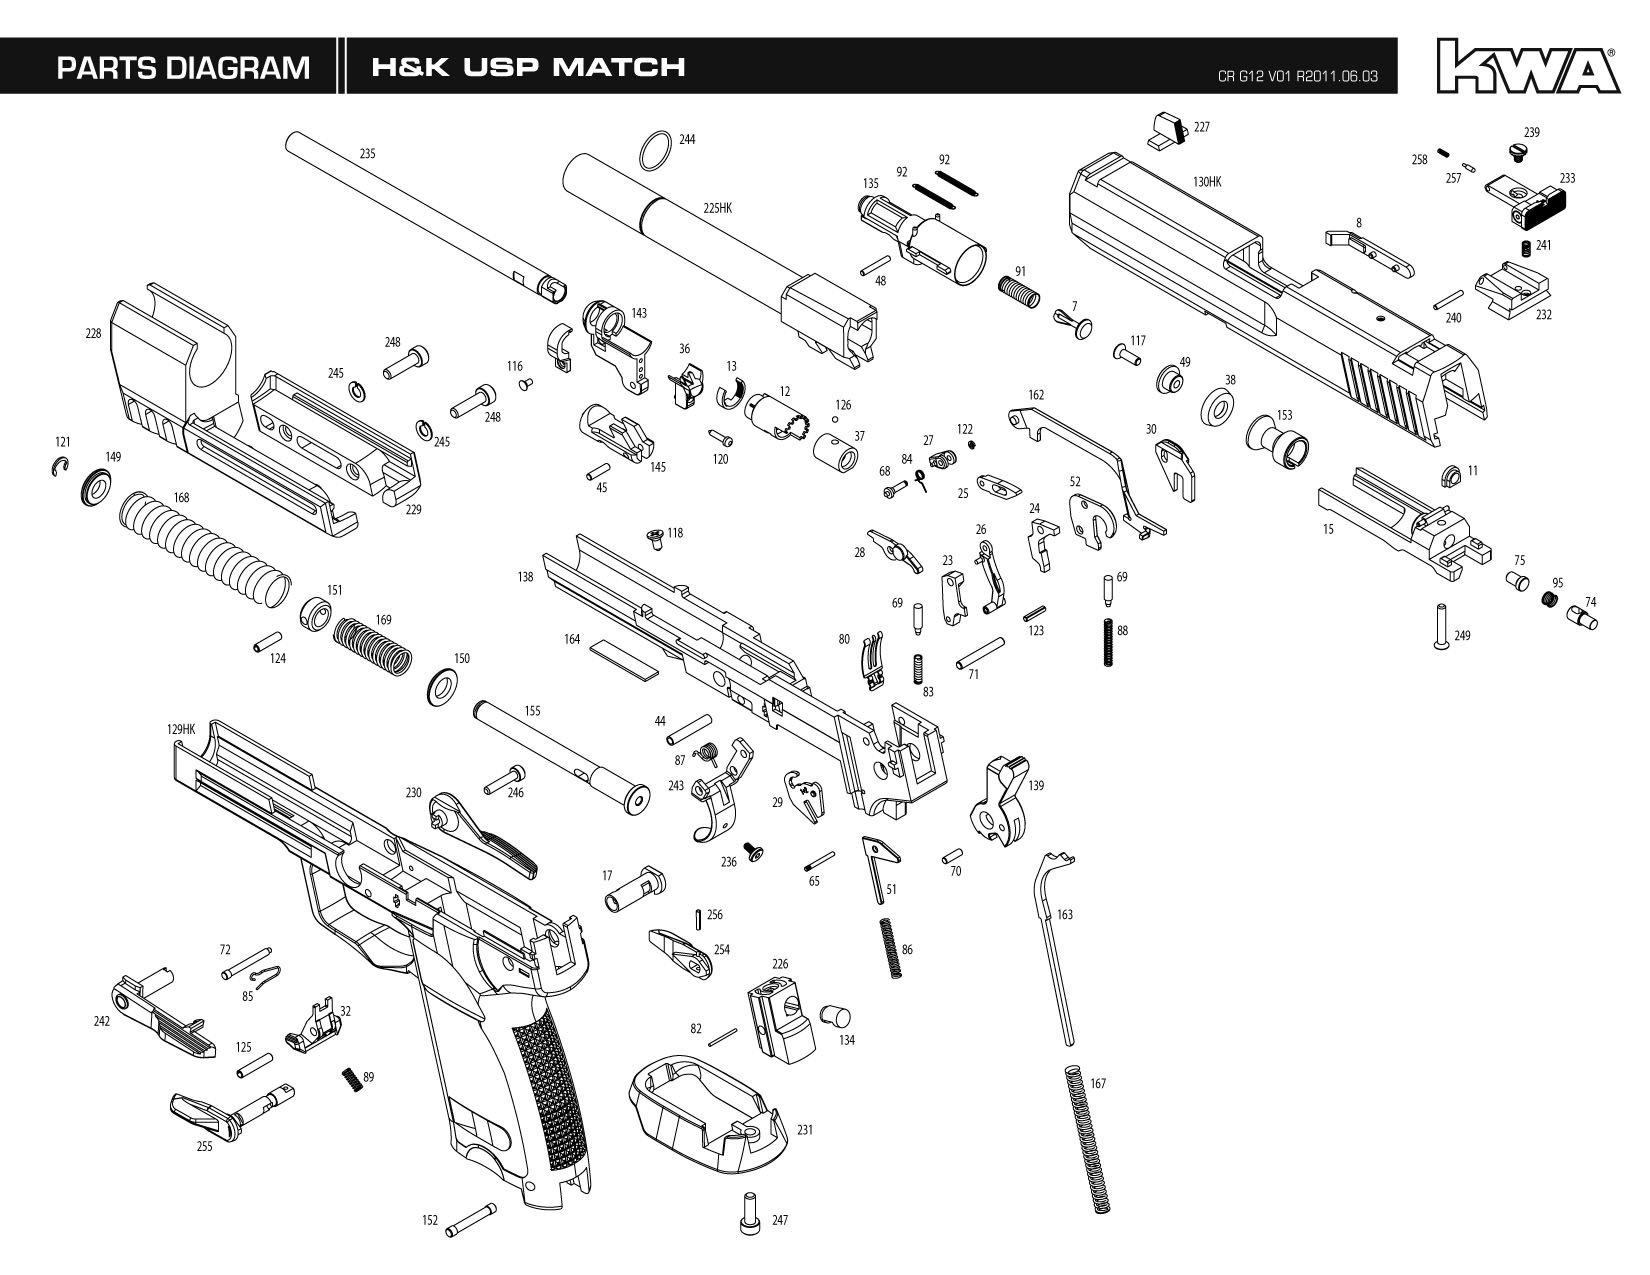 9mm Bb Gun